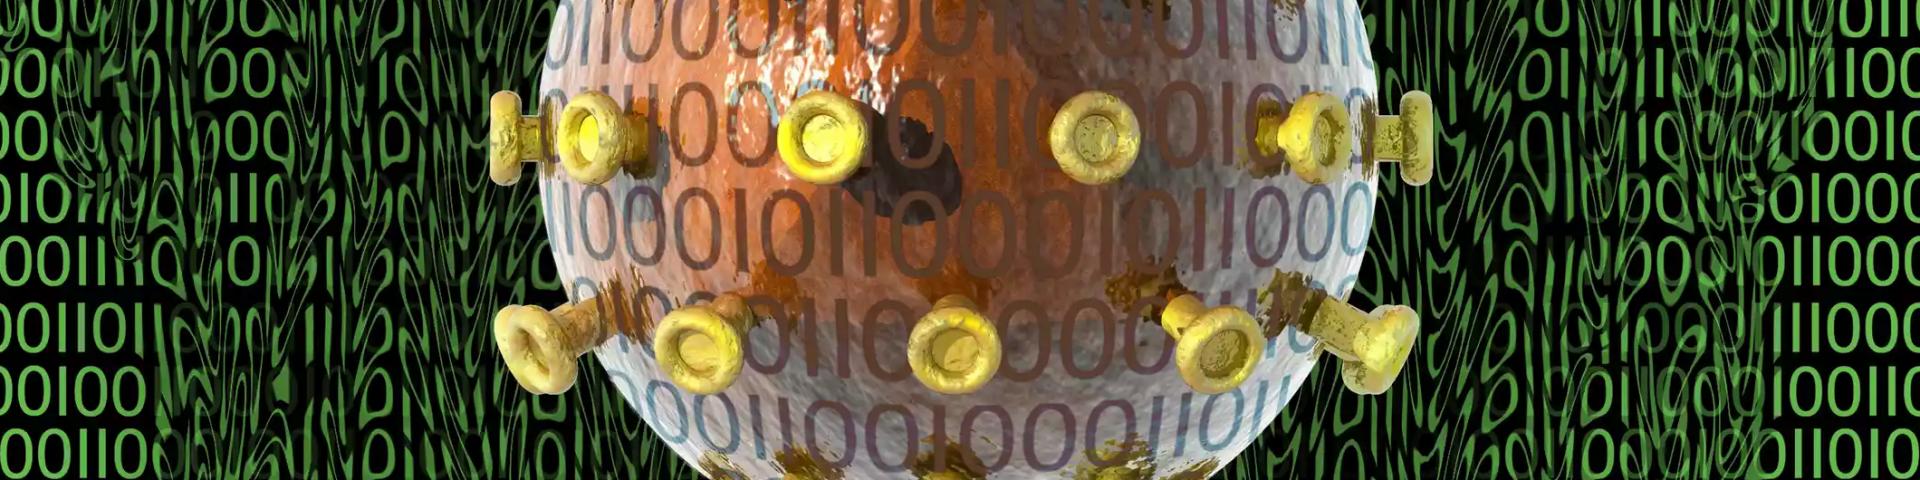 Representación artística de un virus informático como portada del episodio de A Ciencia Cierta: Las nuevas tecnologías contra la COVID-19